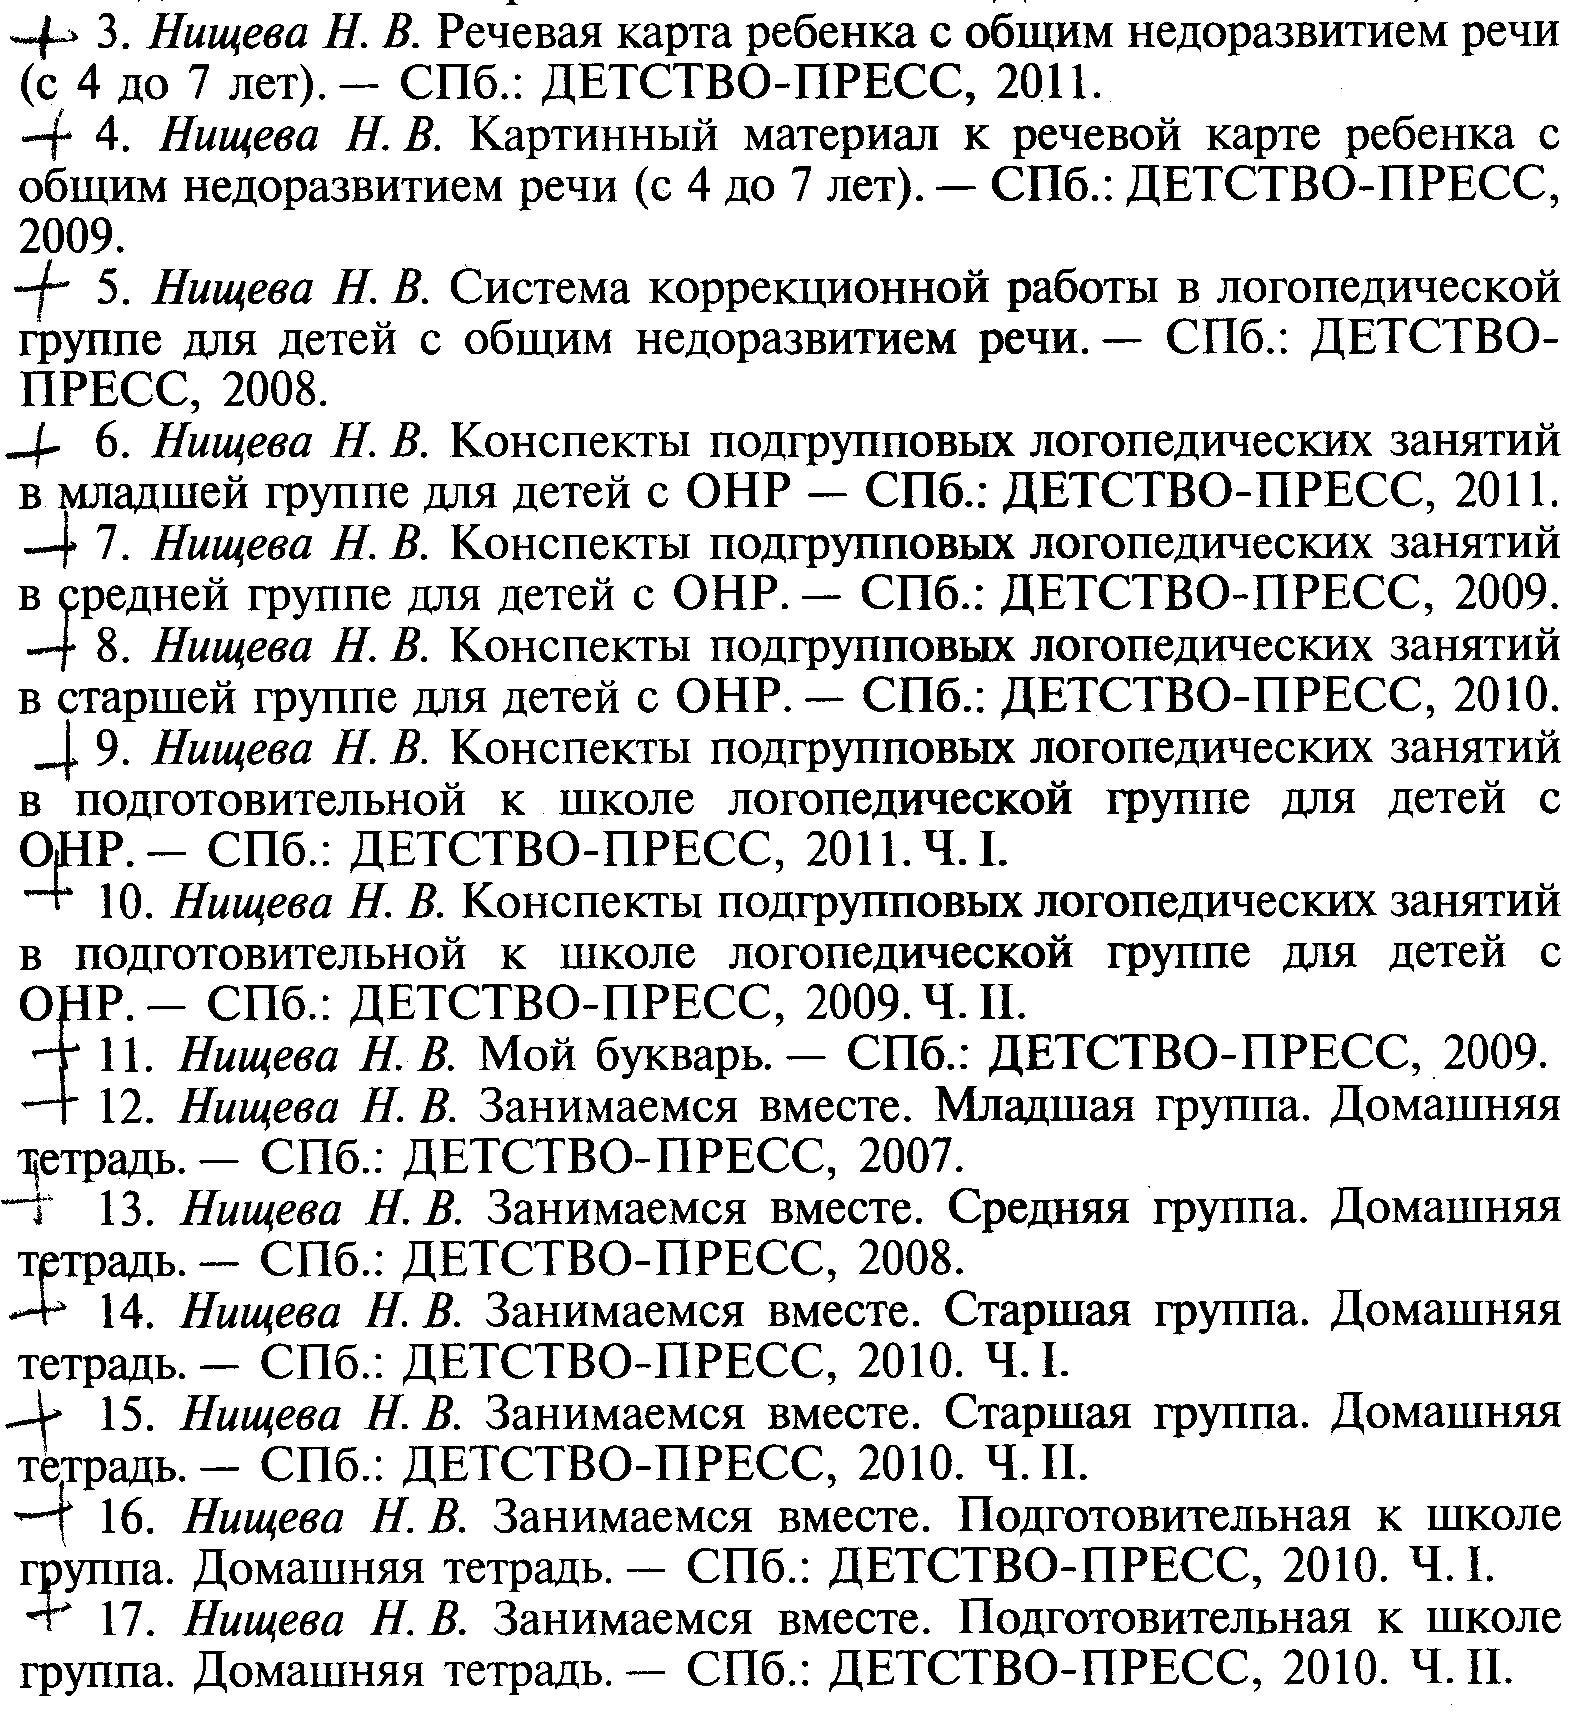 схема логопедического обследования старшей группы